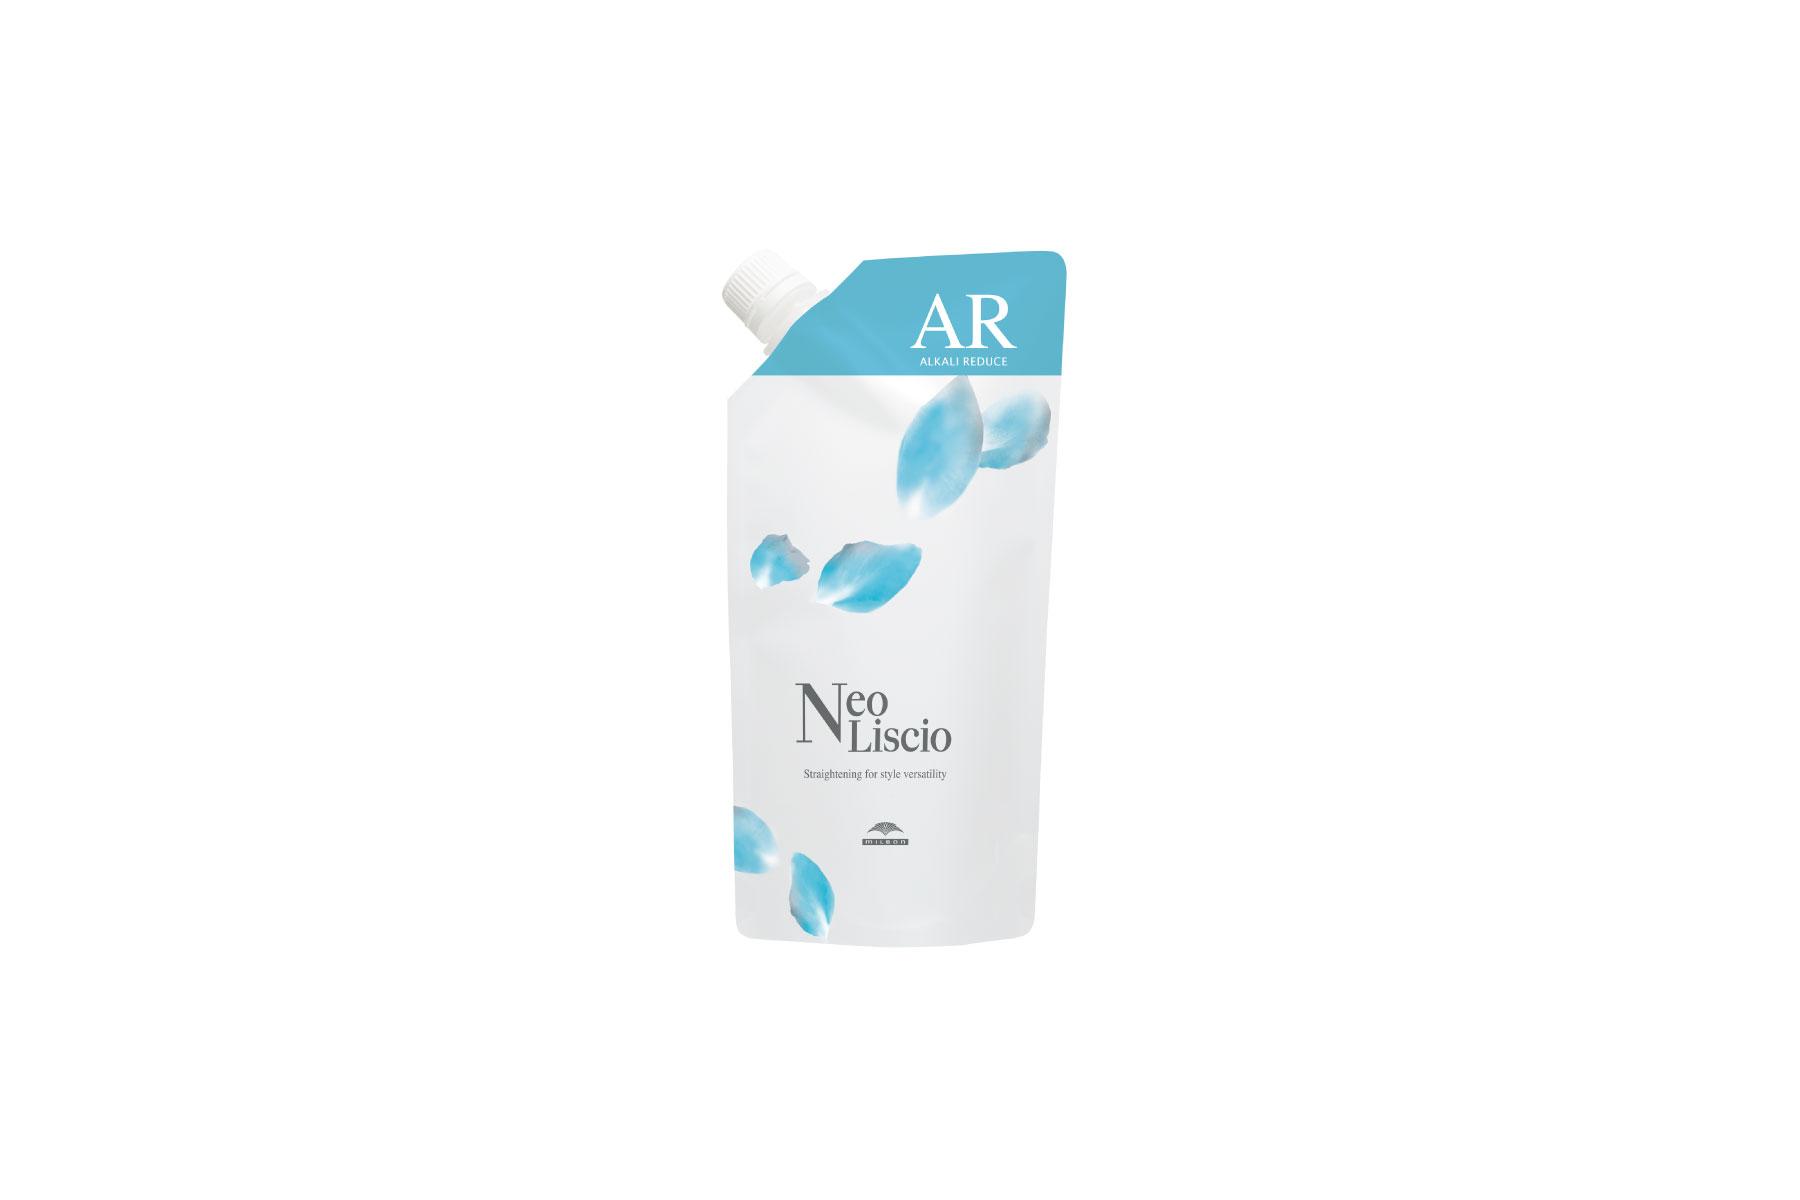 ミルボン ネオリシオ AR (milbon neoliscio) image